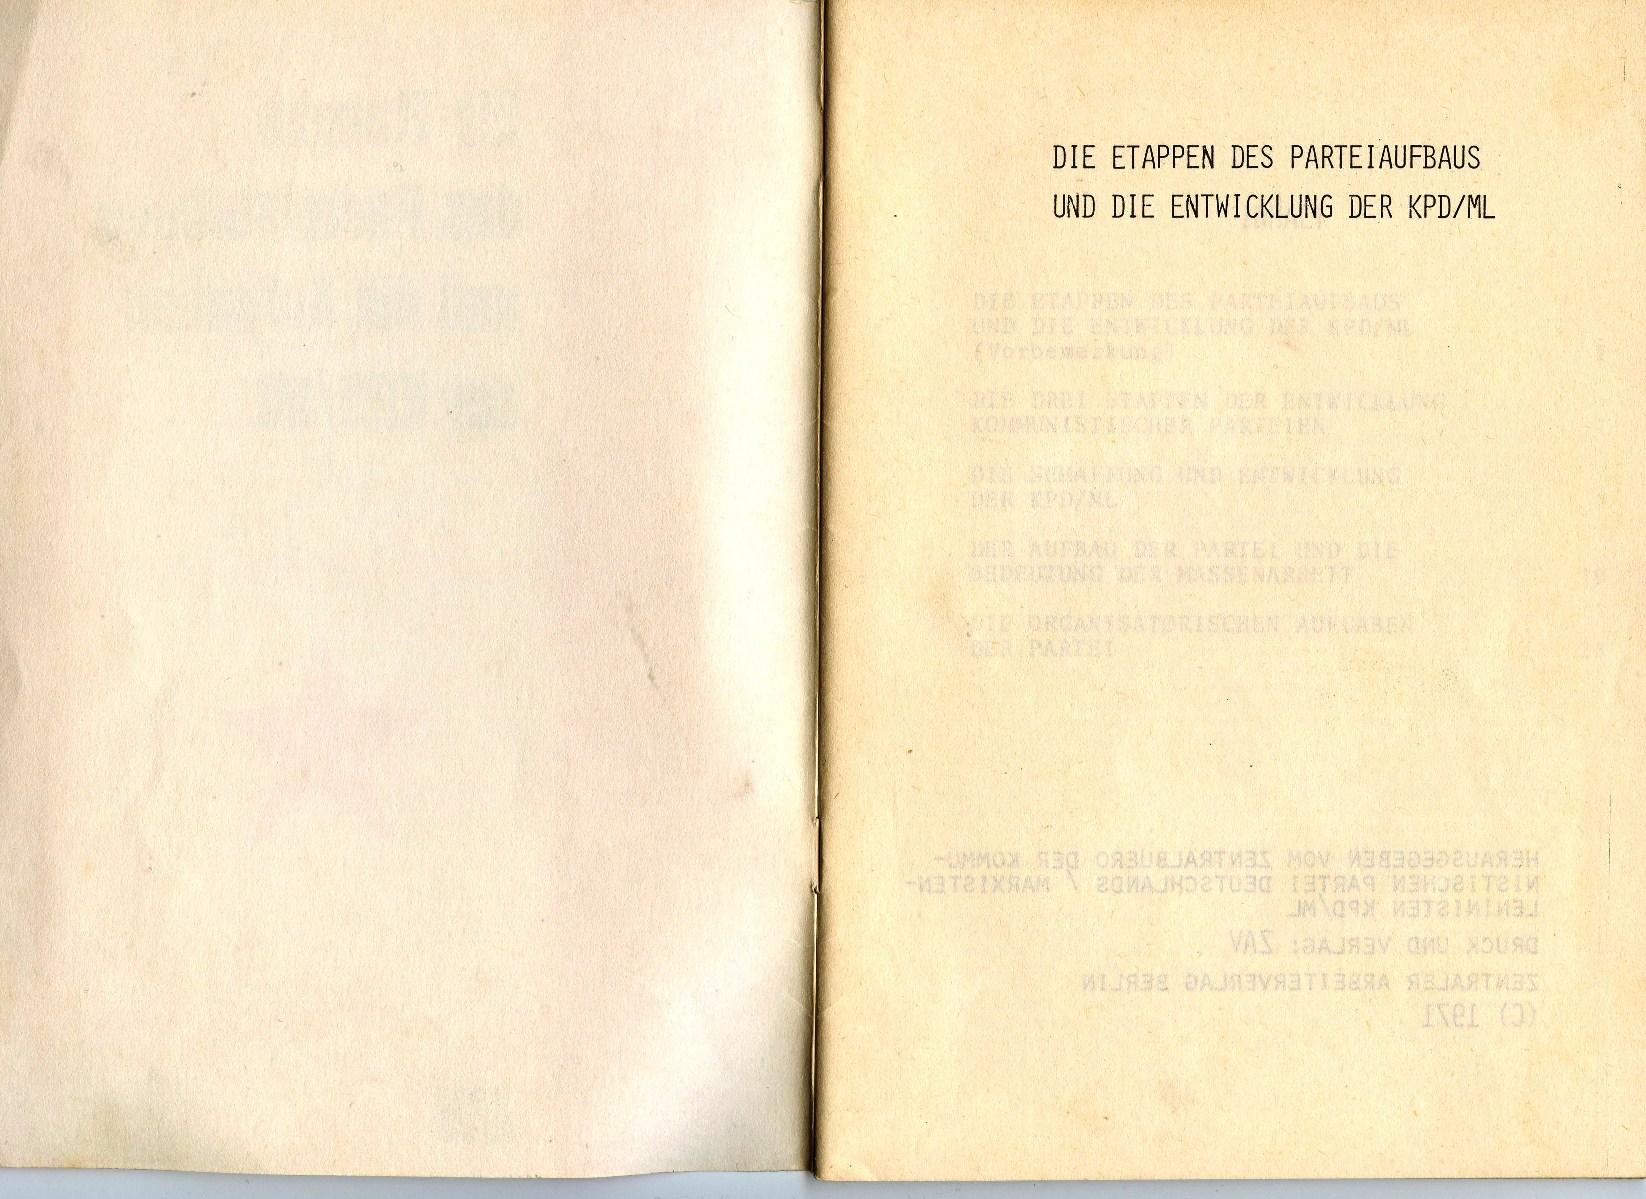 ZB_Etappen_Parteiaufbau_1971_02